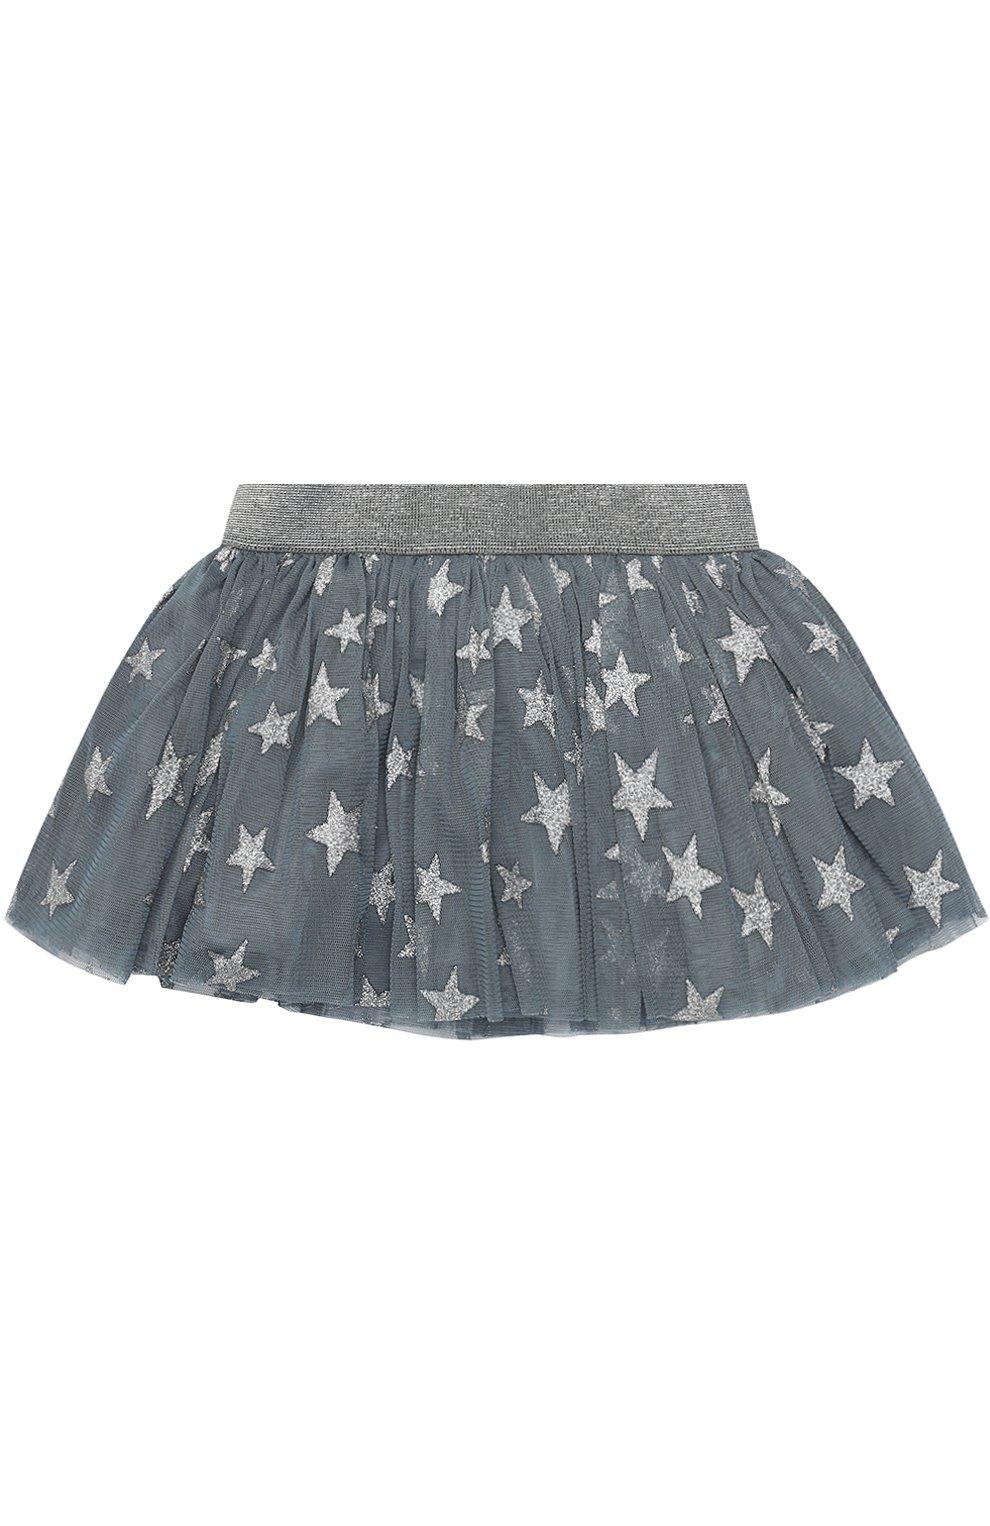 Мини-юбка с металлизированным принтом в виде звезд | Фото №2